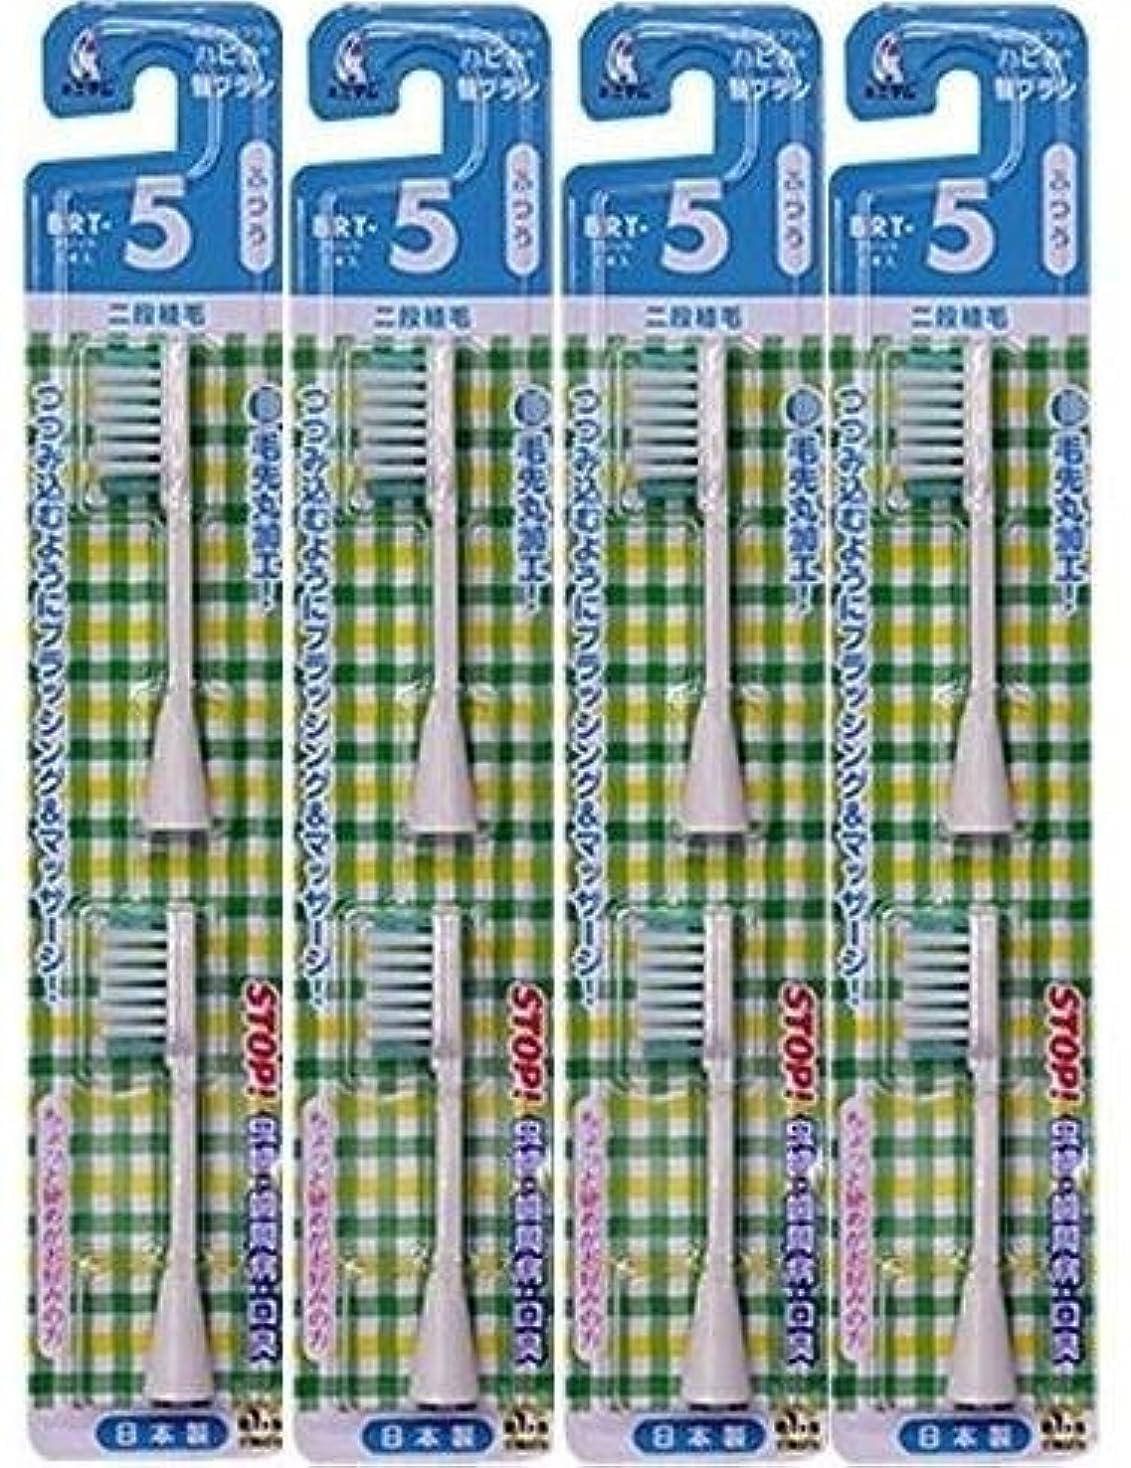 フレッシュかごパズル電動歯ブラシ ハピカ専用替ブラシふつう 2段植毛2本入(BRT-5T)×4個セット